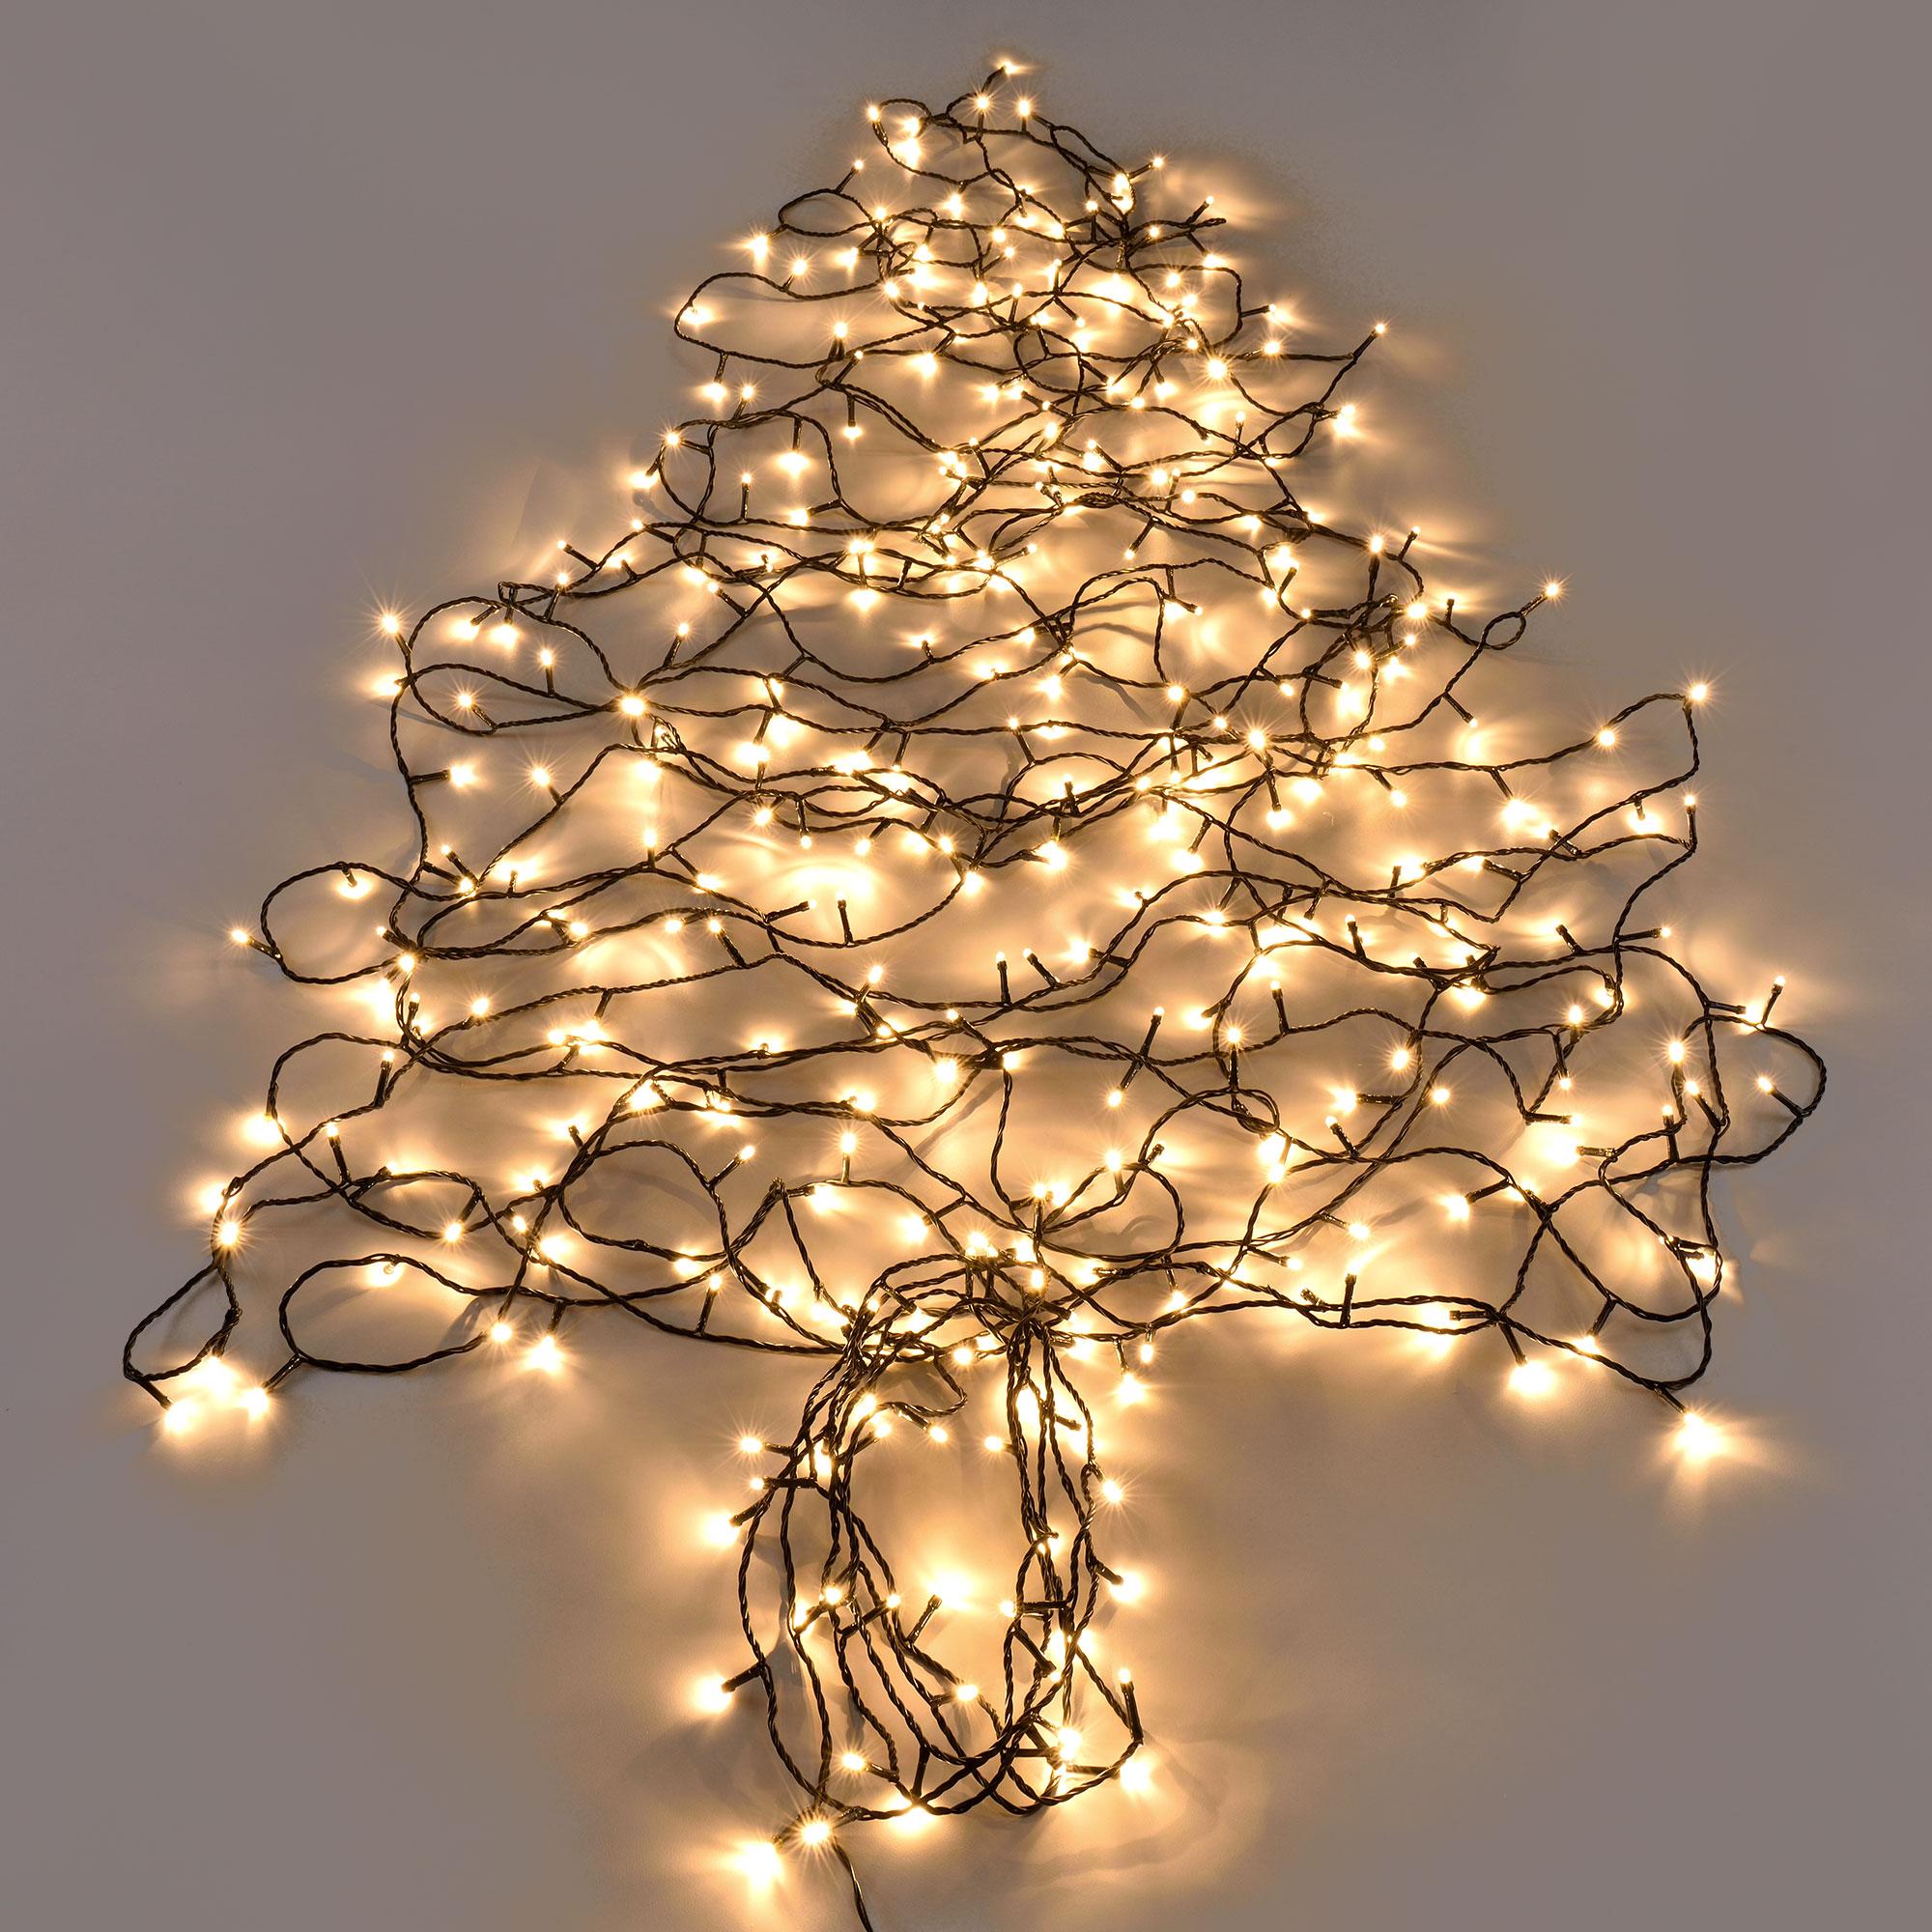 360 led 32m lichterkette netzteil innen au en weihnachten warmwei ebay. Black Bedroom Furniture Sets. Home Design Ideas